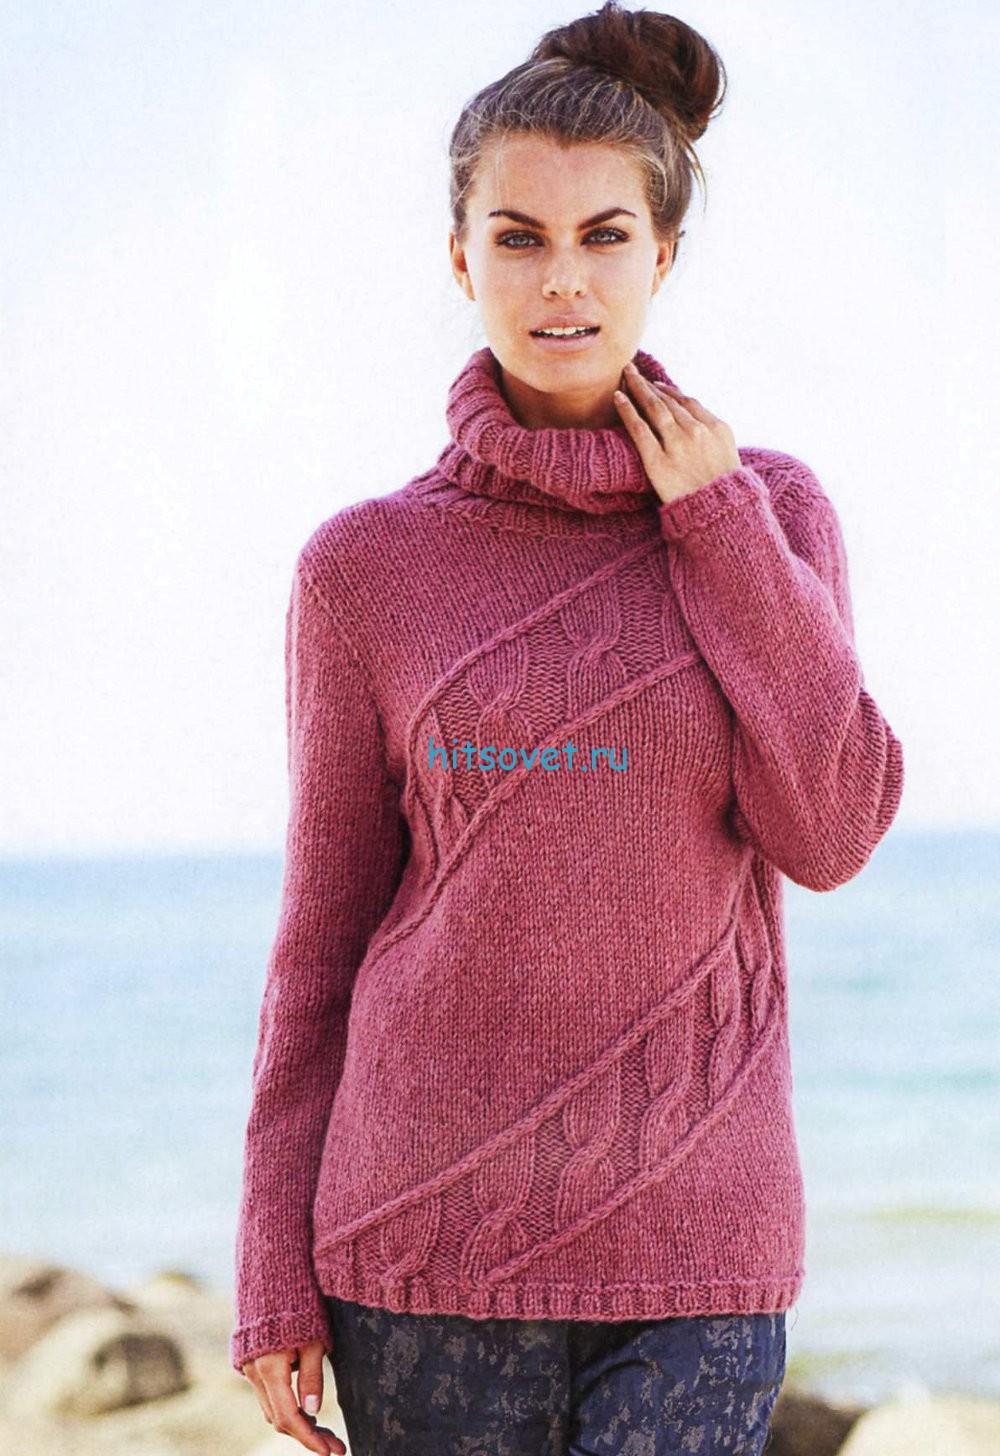 Розовый женский свитер со схемой, фото.